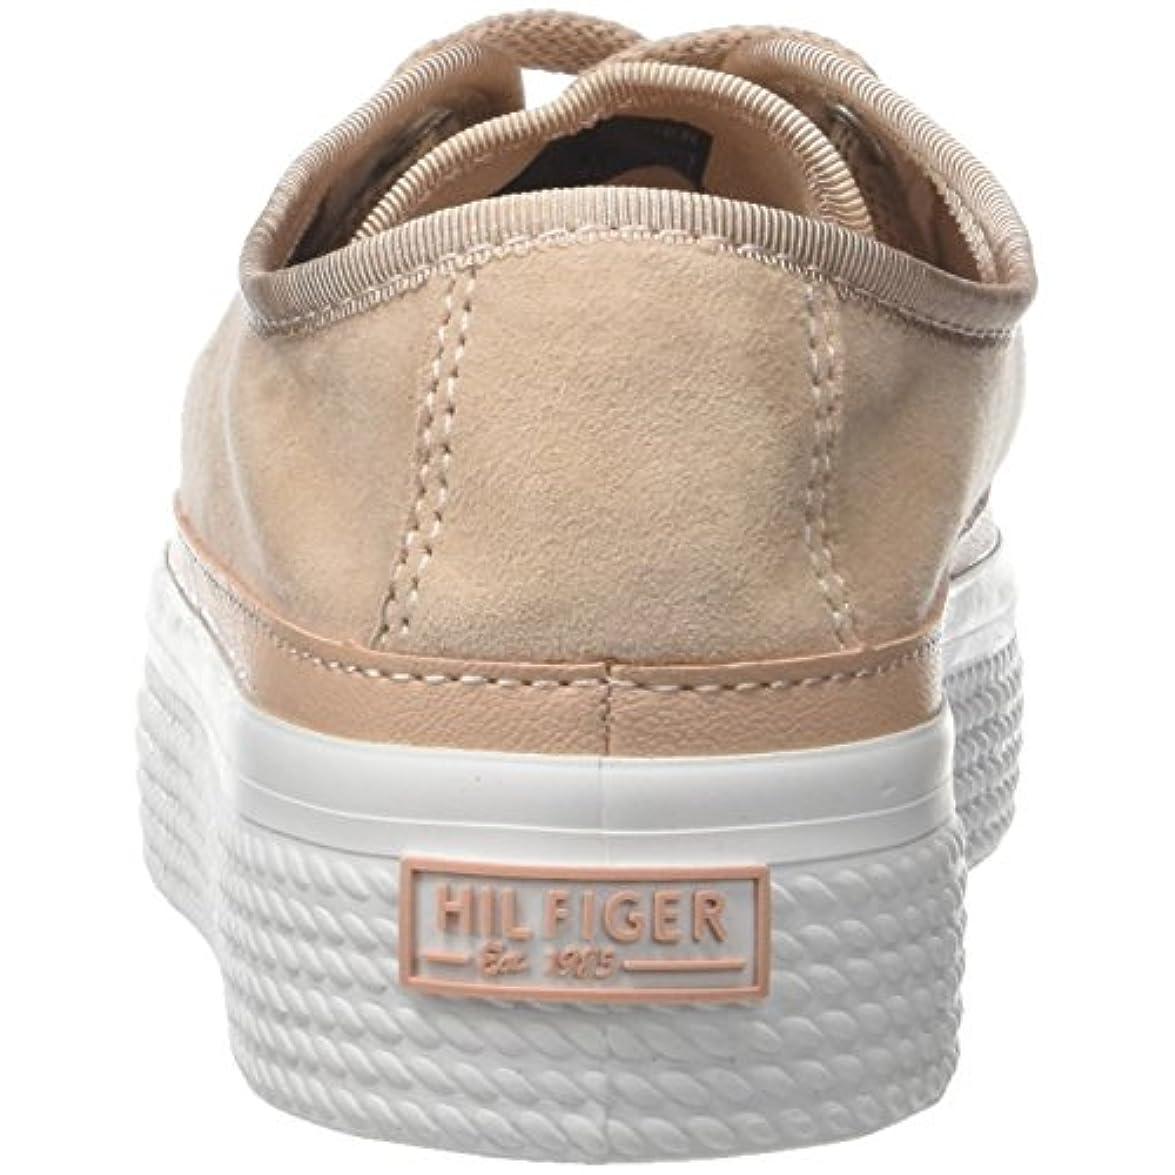 Tommy Hilfiger Suede Flatform Sneaker Scarpe Da Ginnastica Basse Donna